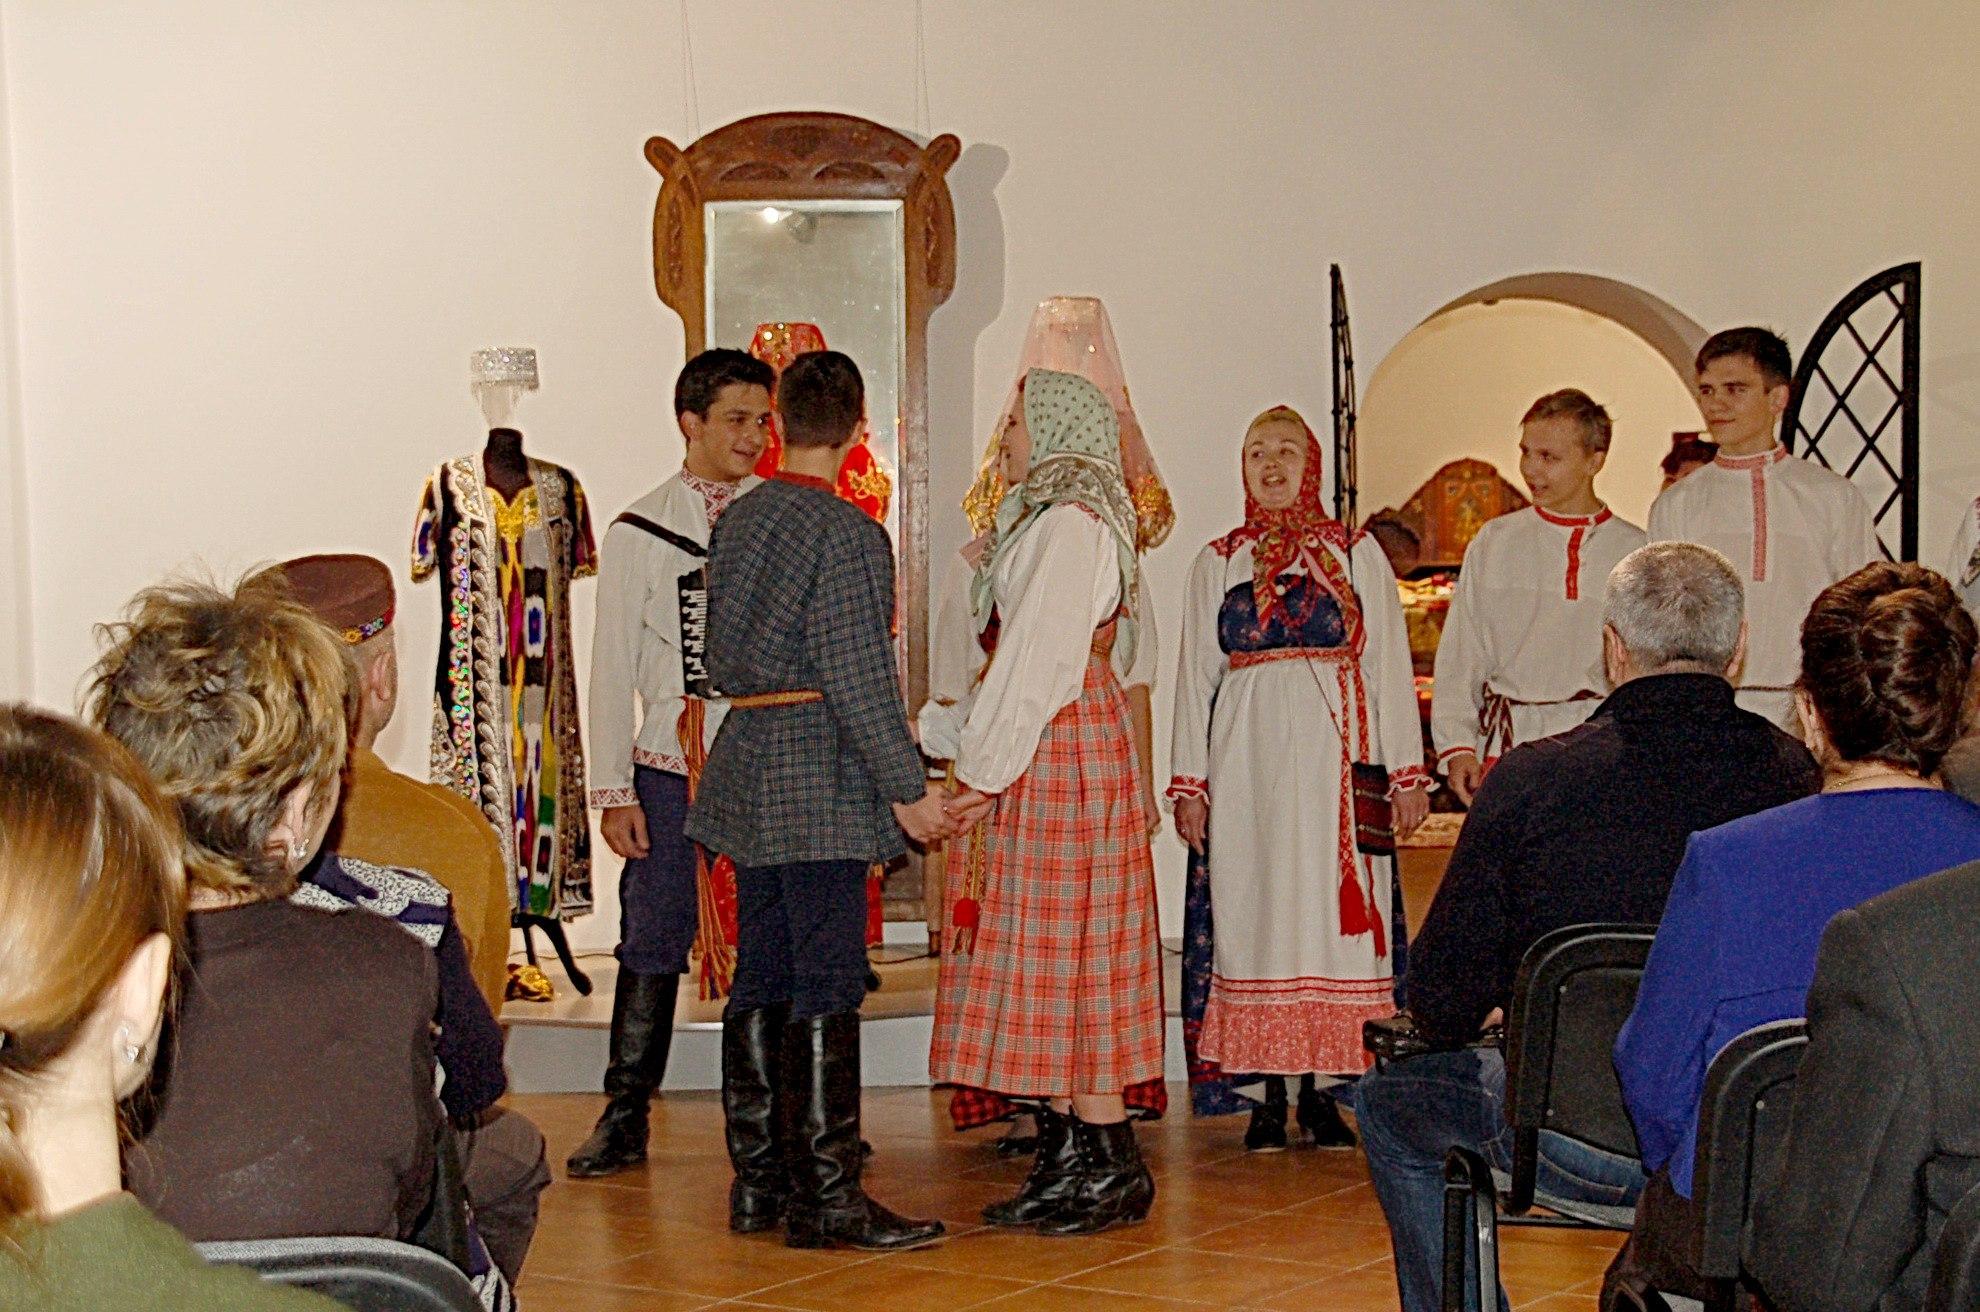 Выступление фольклорного коллектива Школы традиционной народной культуры.